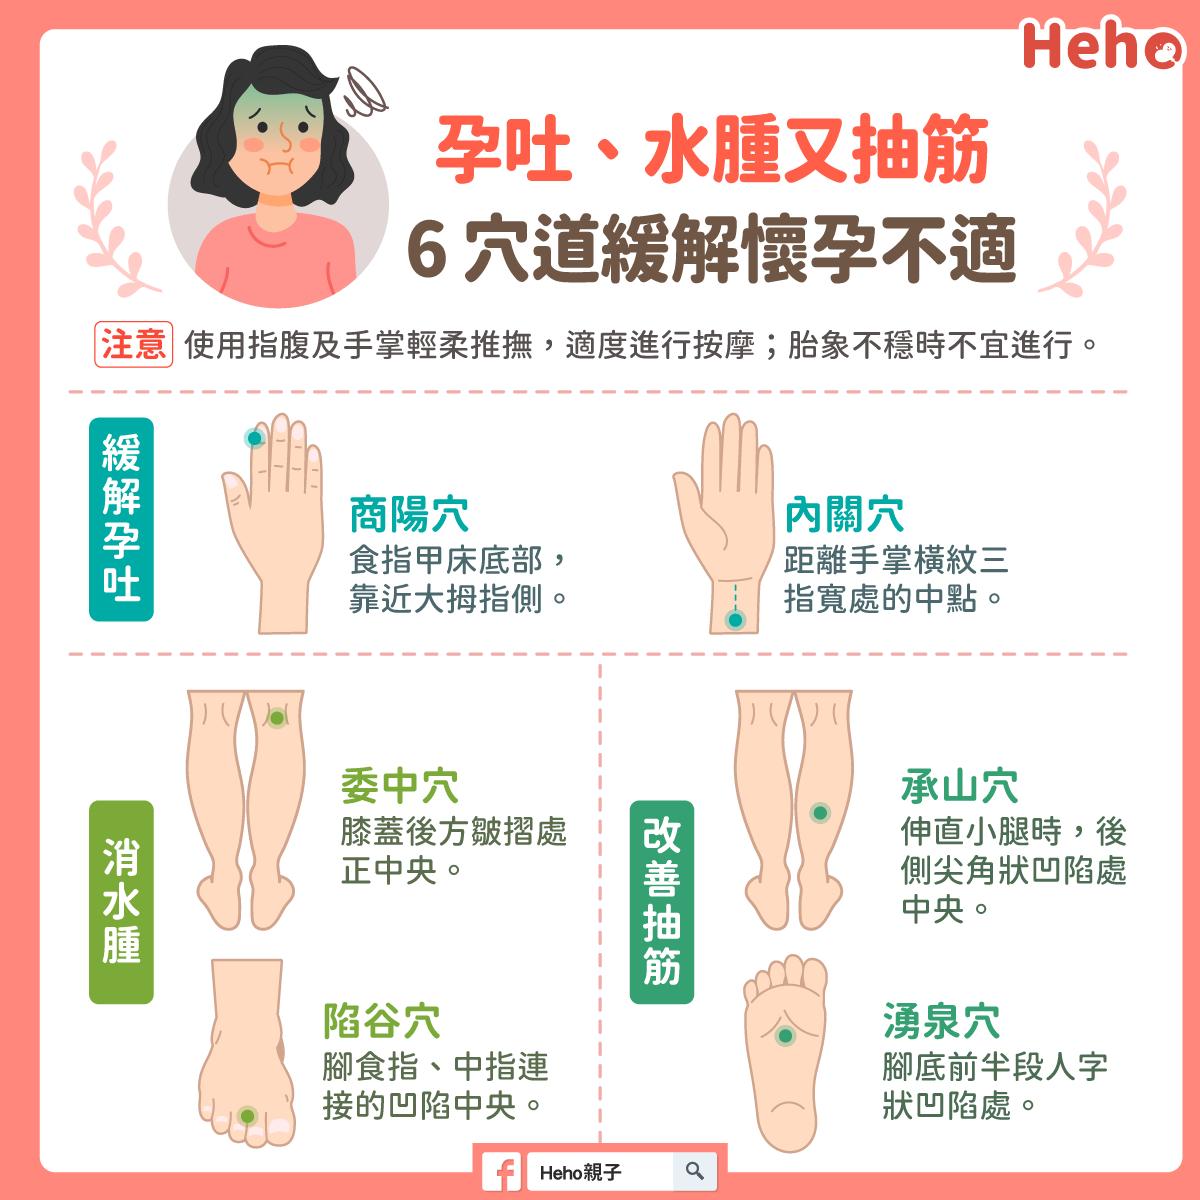 圖解_孕吐、水腫又抽筋,-6-穴道緩解懷孕不適